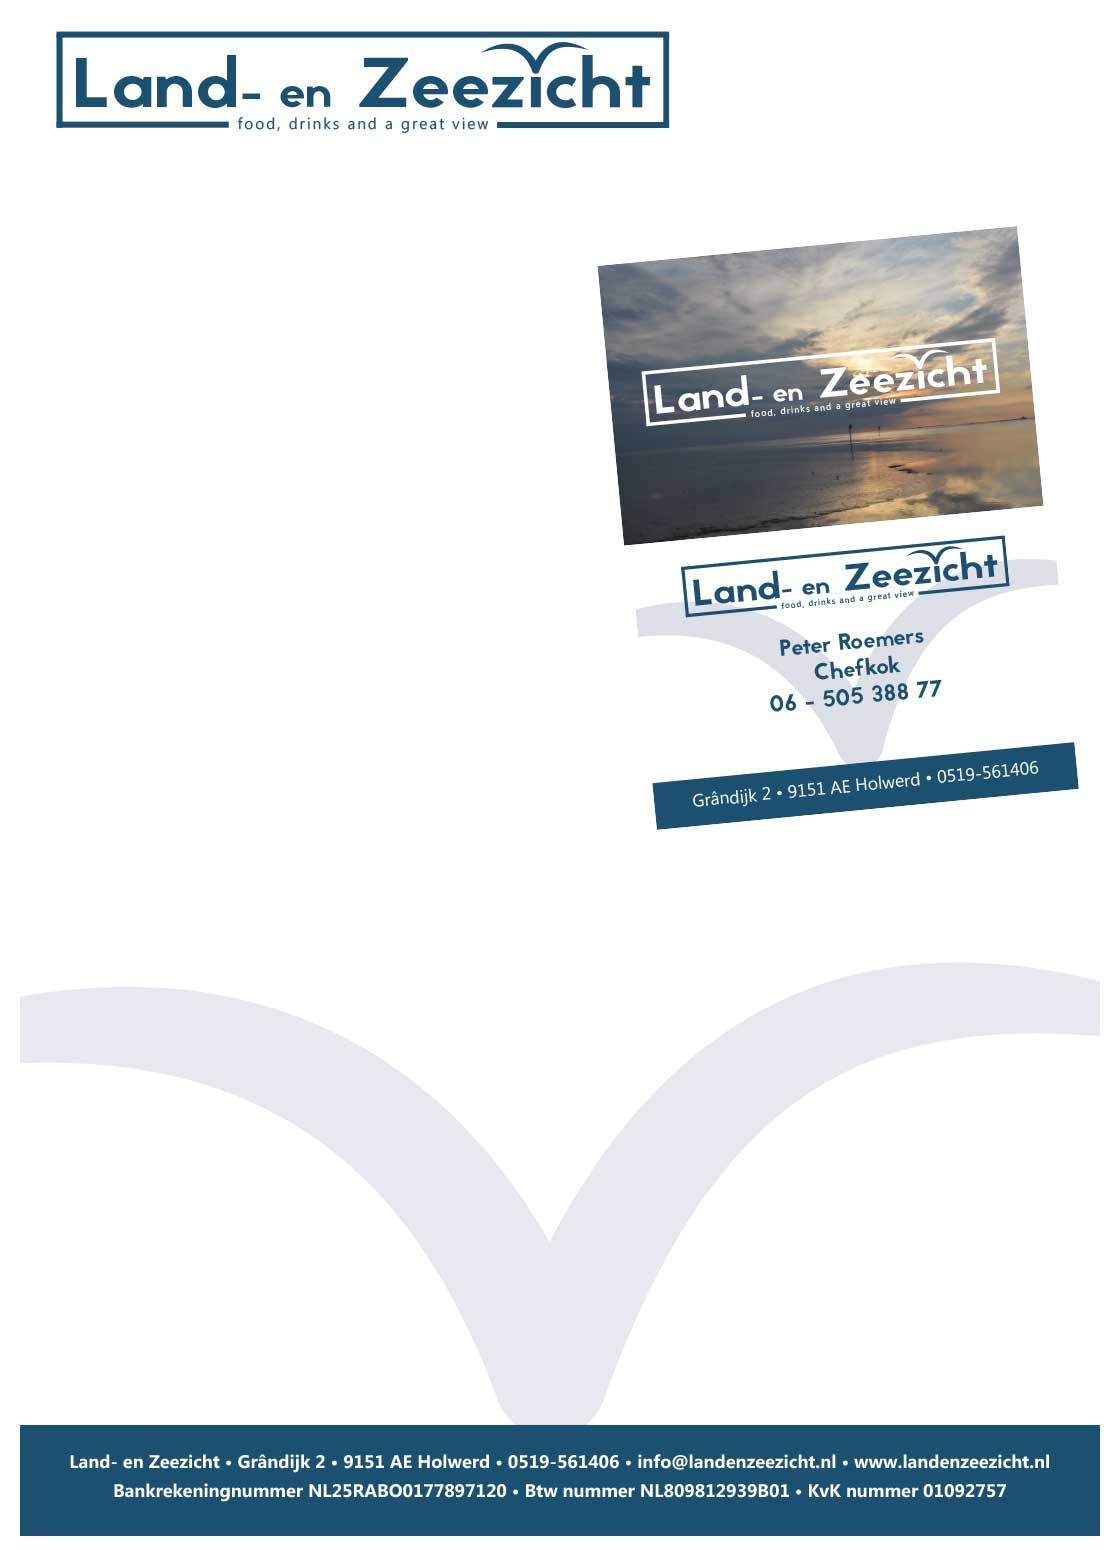 Huisstijl_Landzeezicht_huisstijl_ontwerp_Friesland_Alkmaar